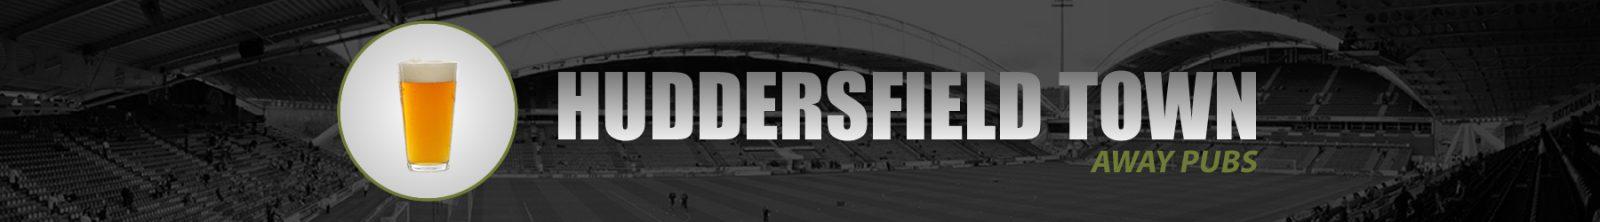 Huddersfield Town Away Pubs